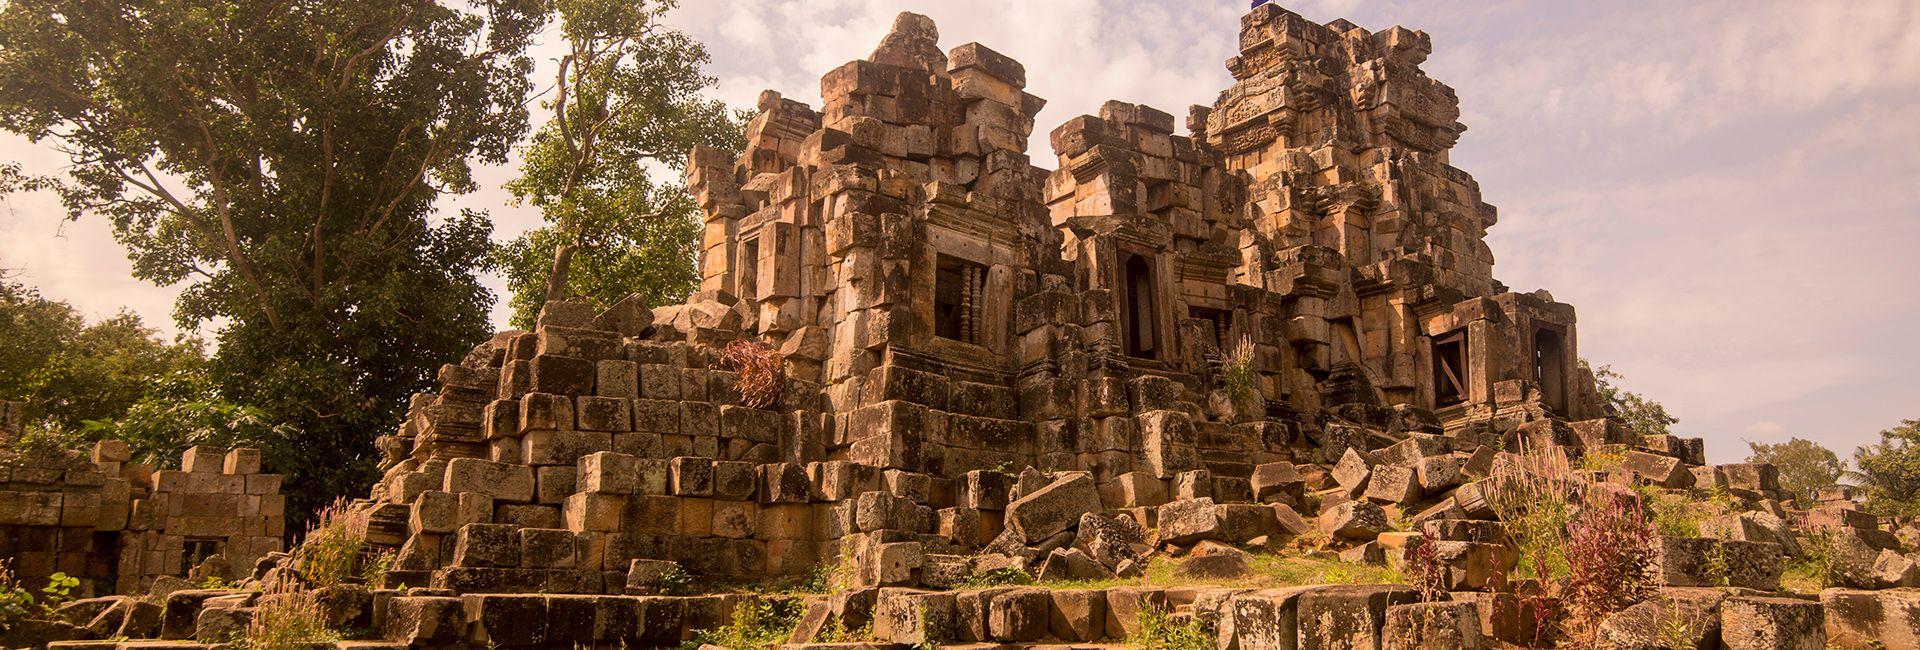 7 điều bạn nên biết trước khi đến Battambang, Campuchia